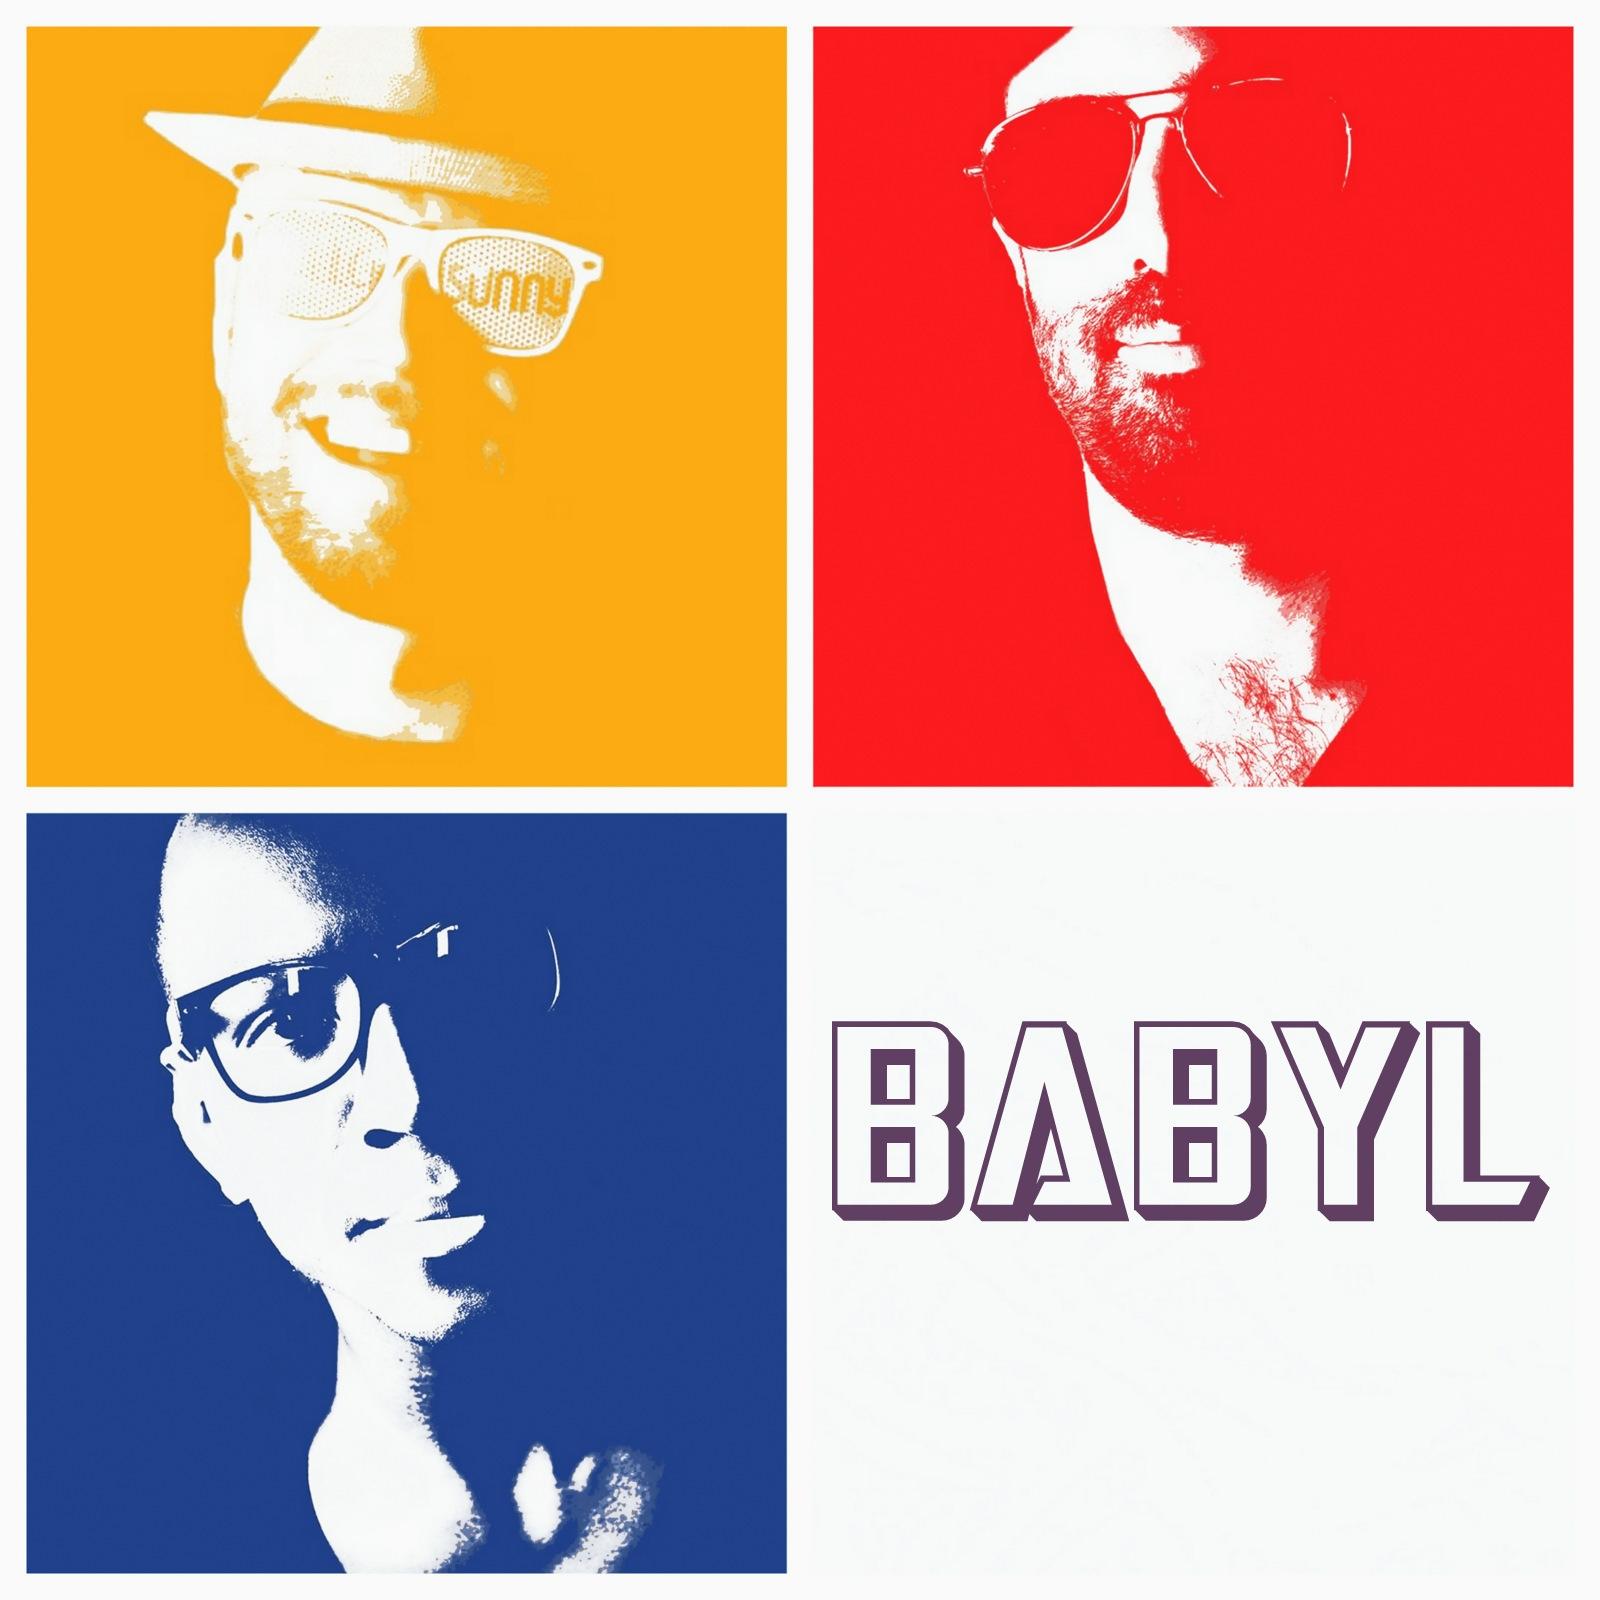 Babyl